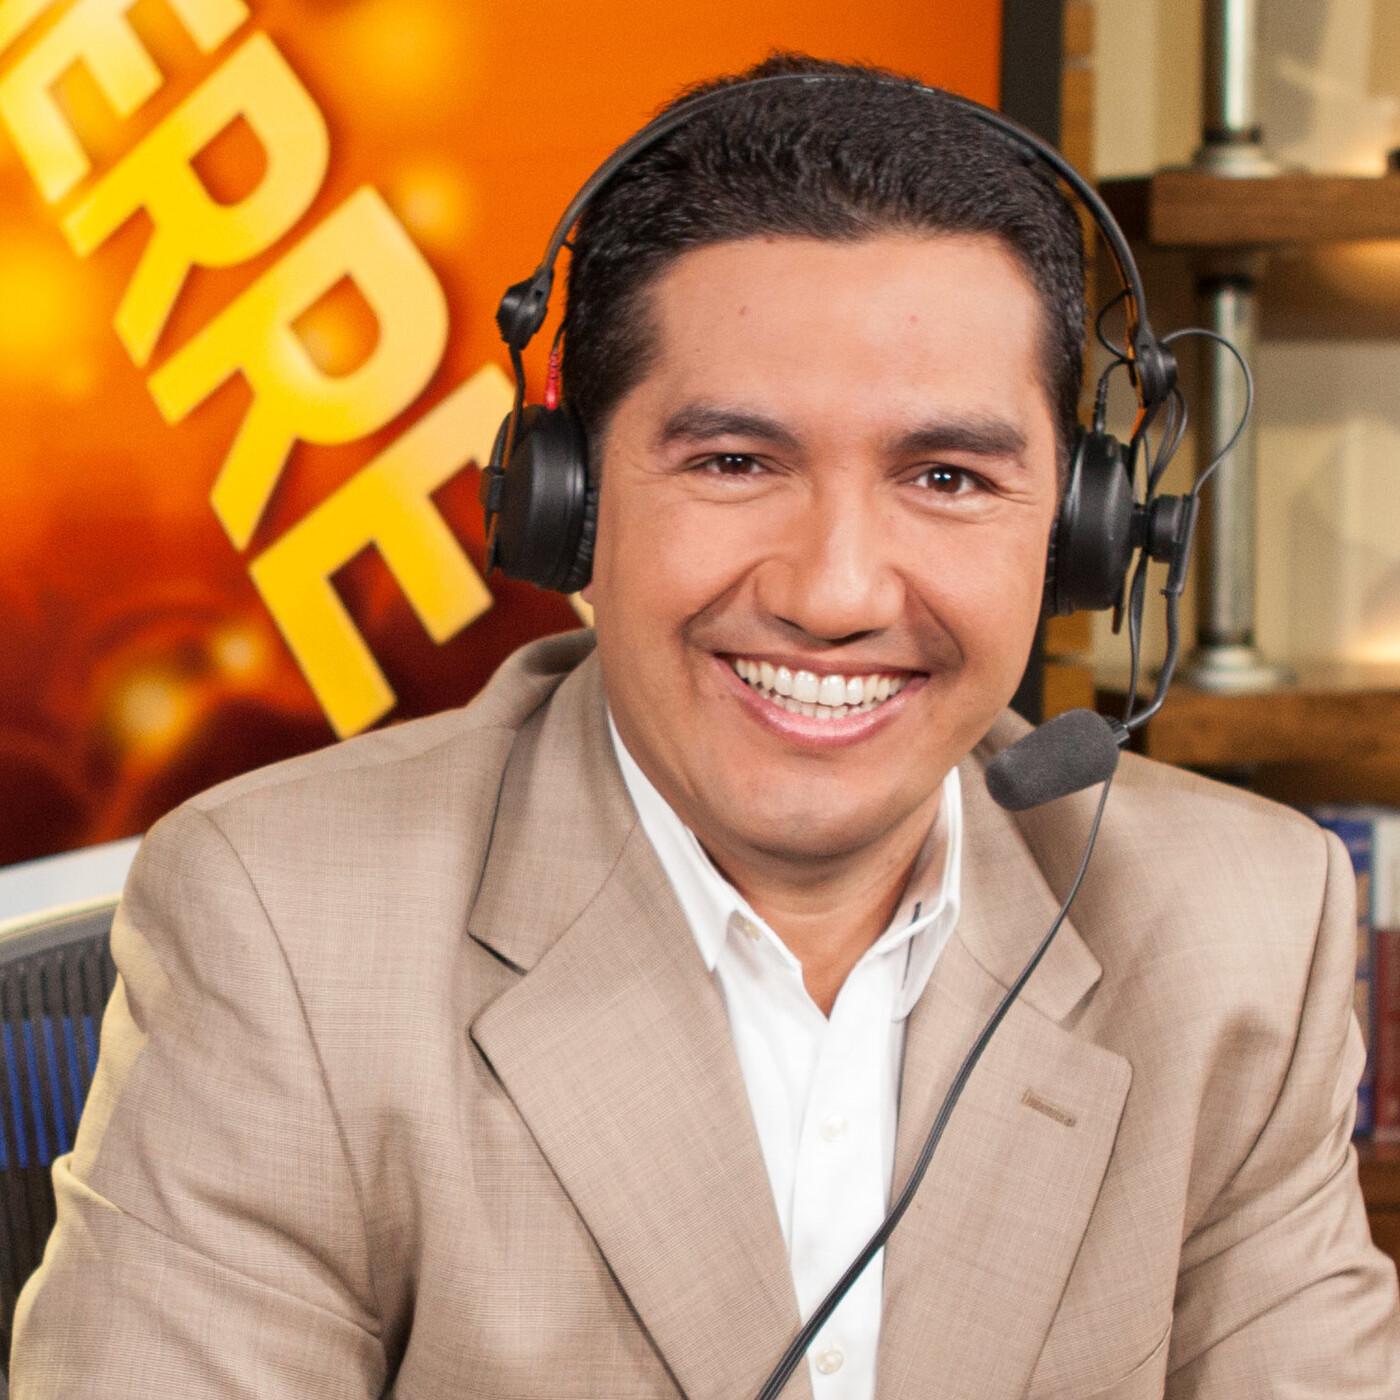 El Show de Andres Gutierrez